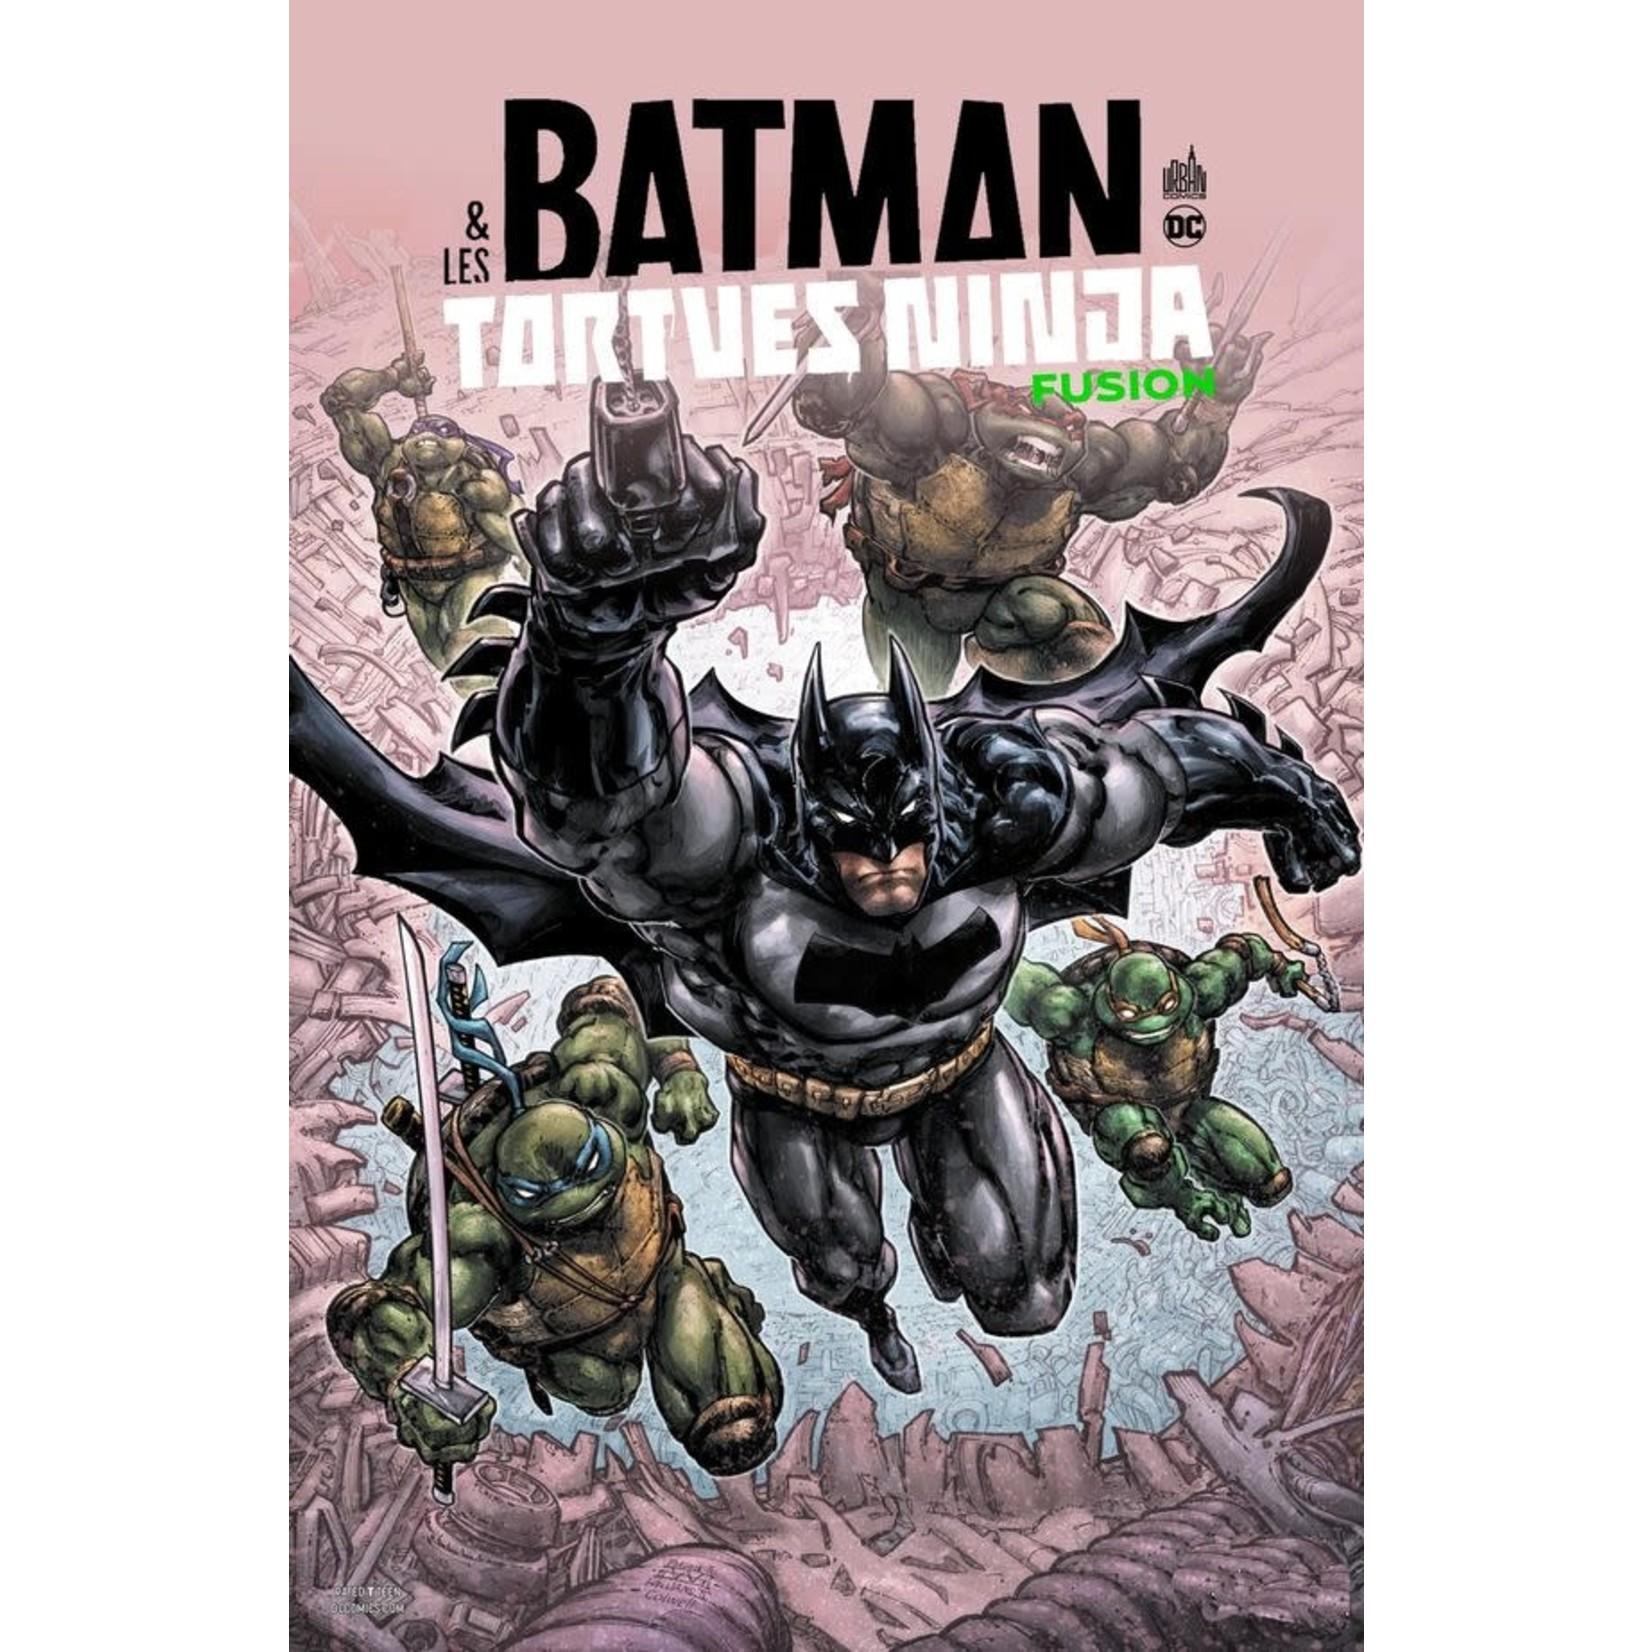 Urban Comics Batman et les Tortues ninja - Fusion